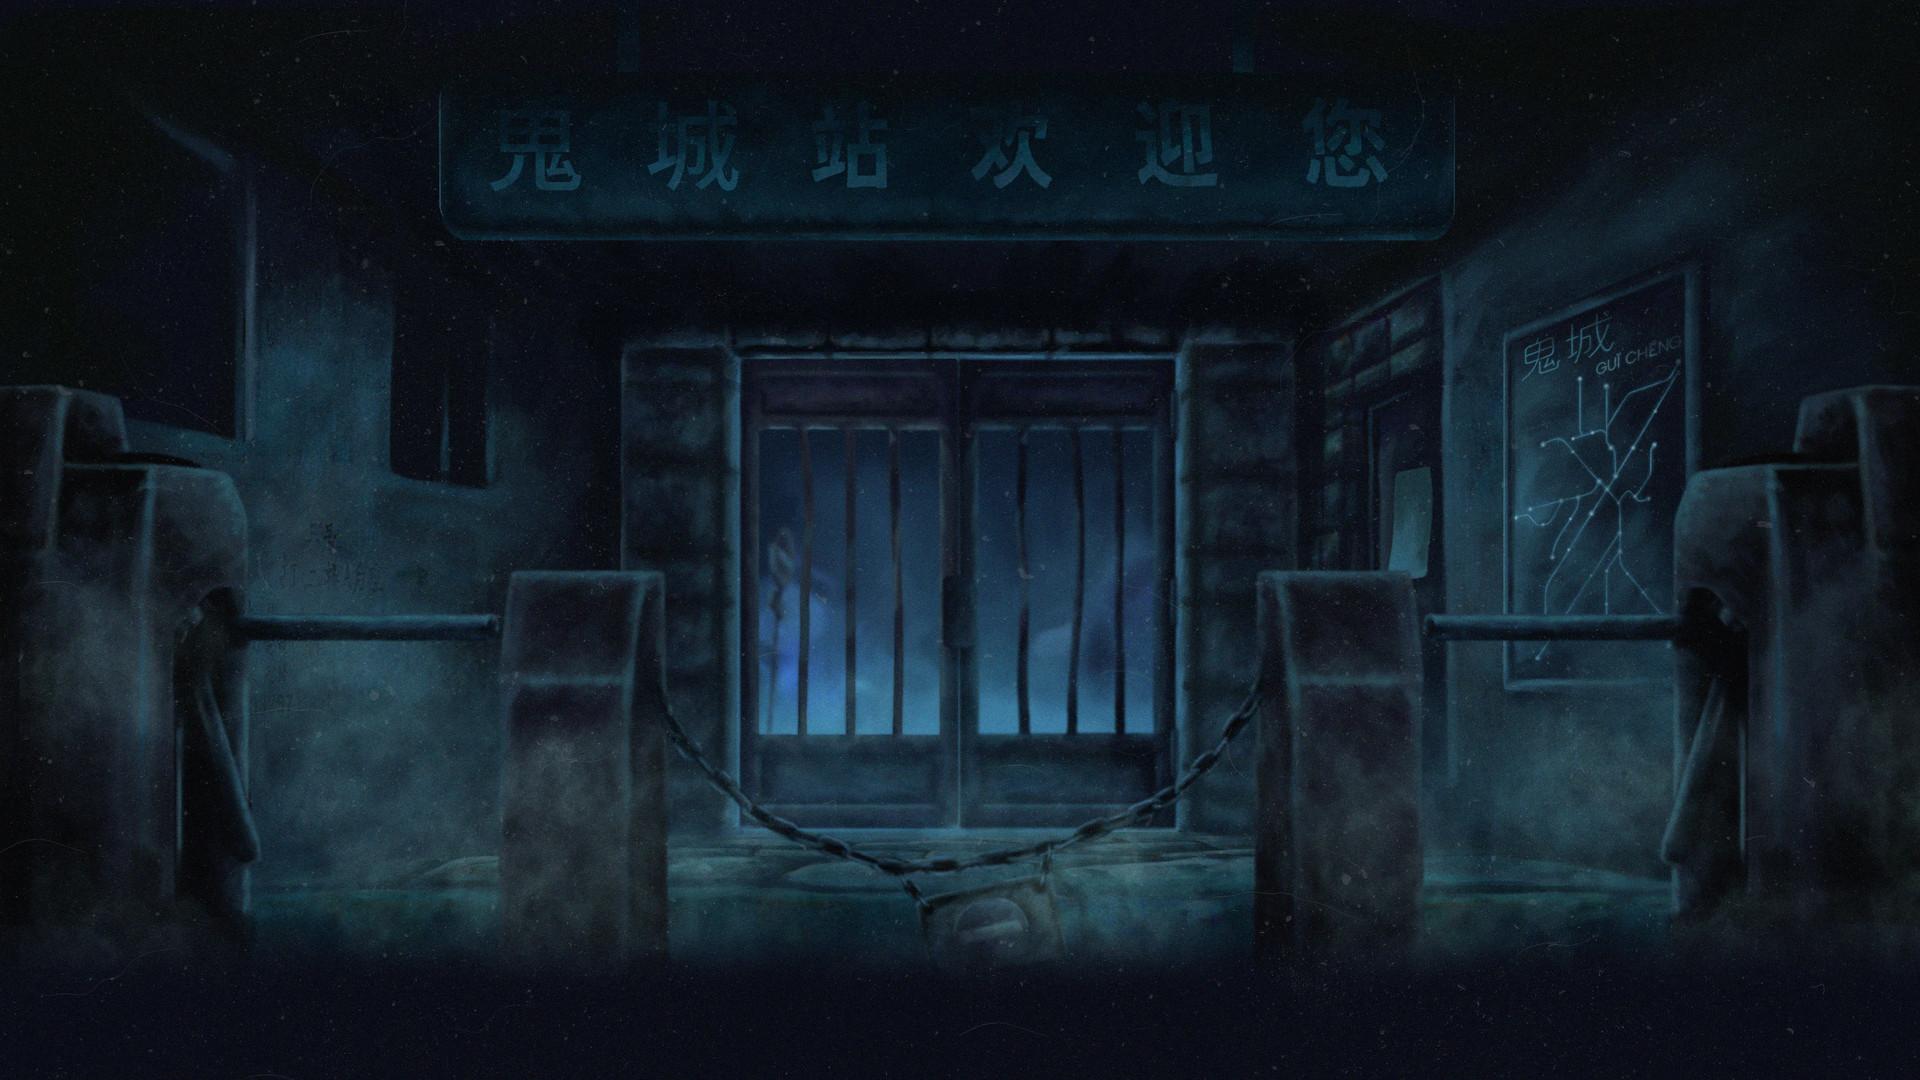 Gui Cheng Subway Interior